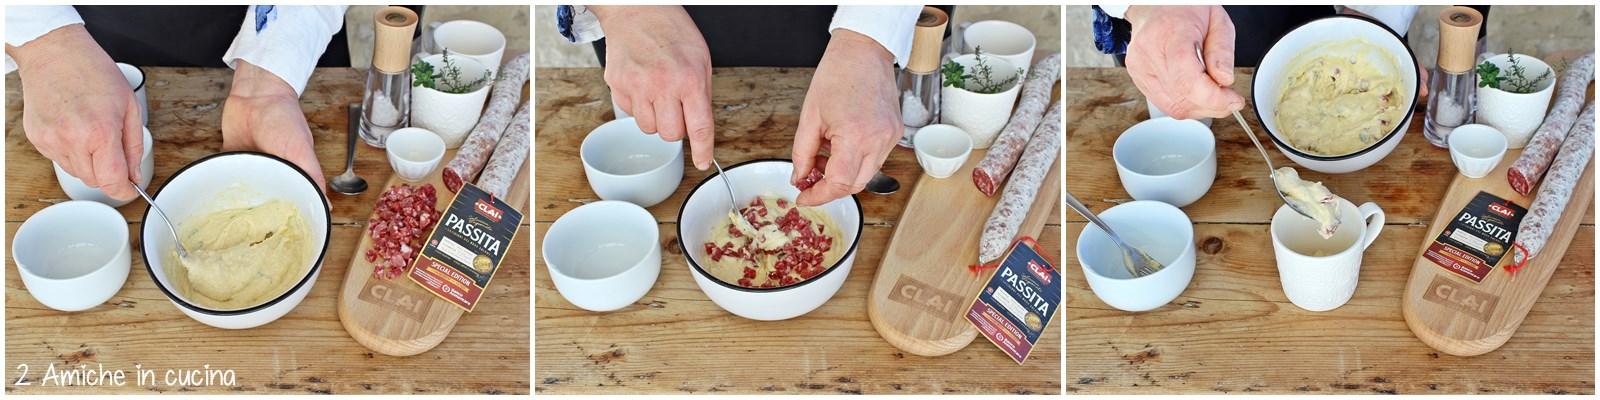 Foto passo passo per preparare la mug cake salata